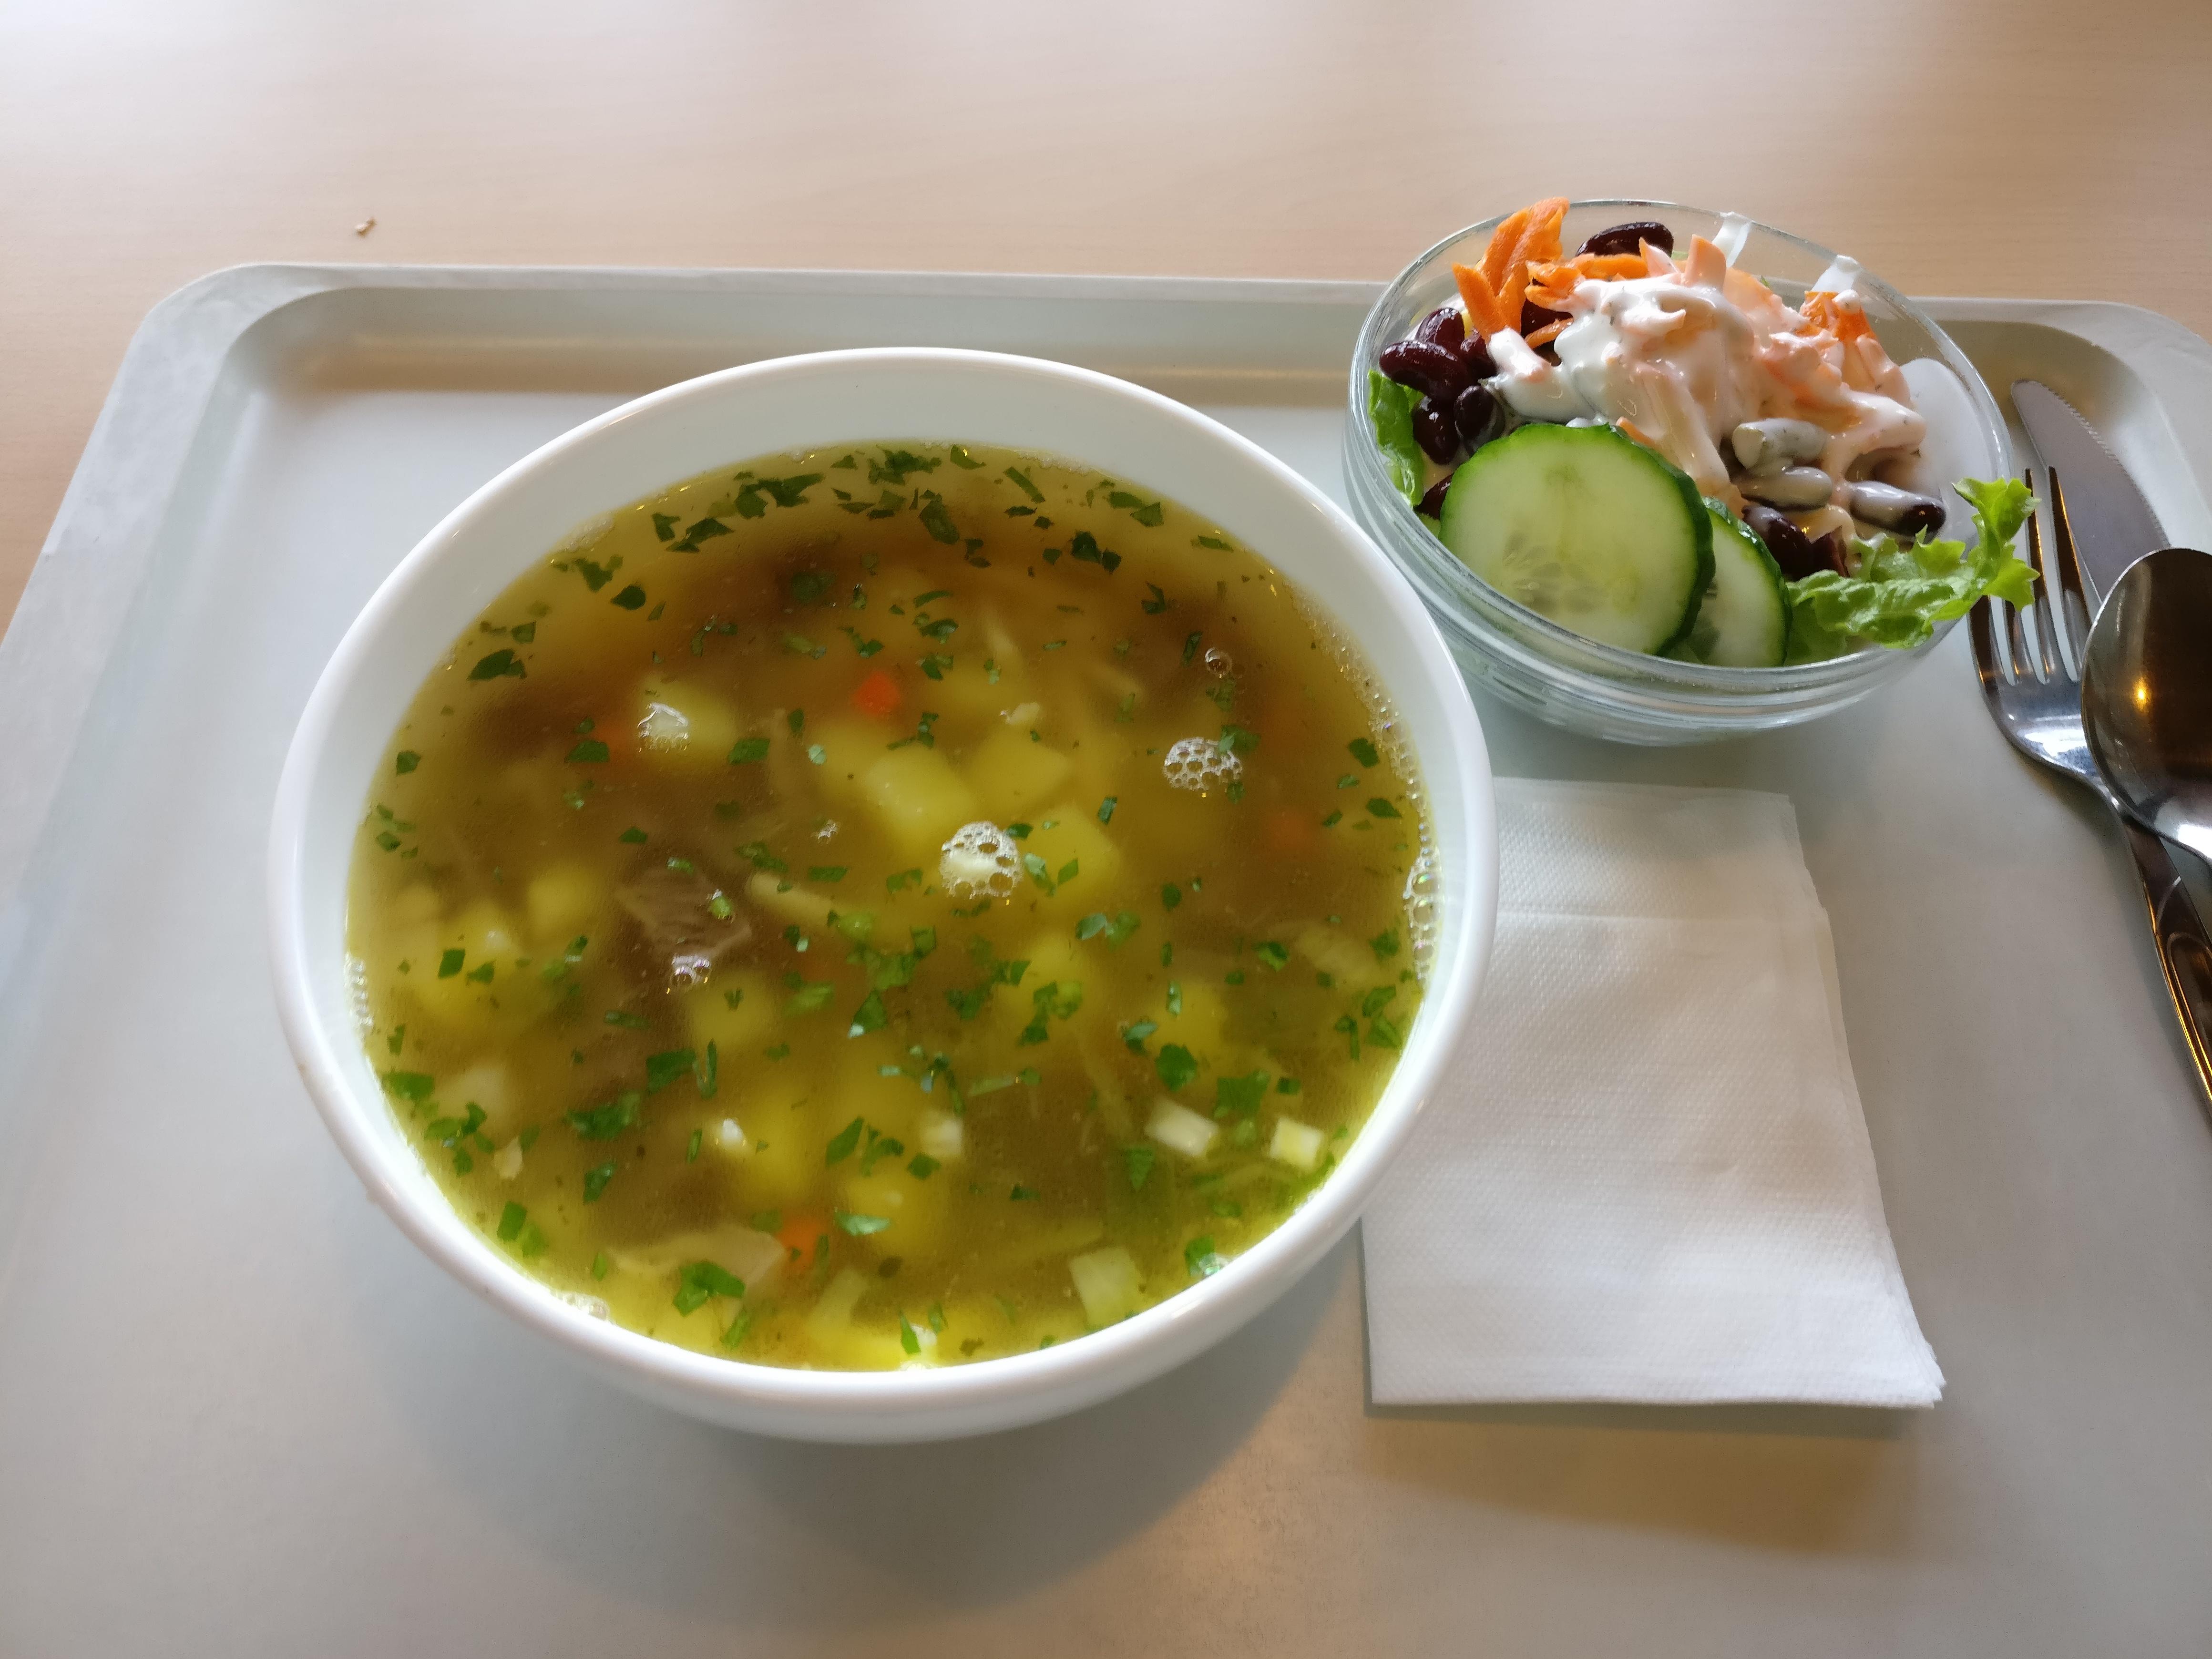 https://foodloader.net/nico_2017-01-27_gaisburger-marsch-mit-salat.jpg